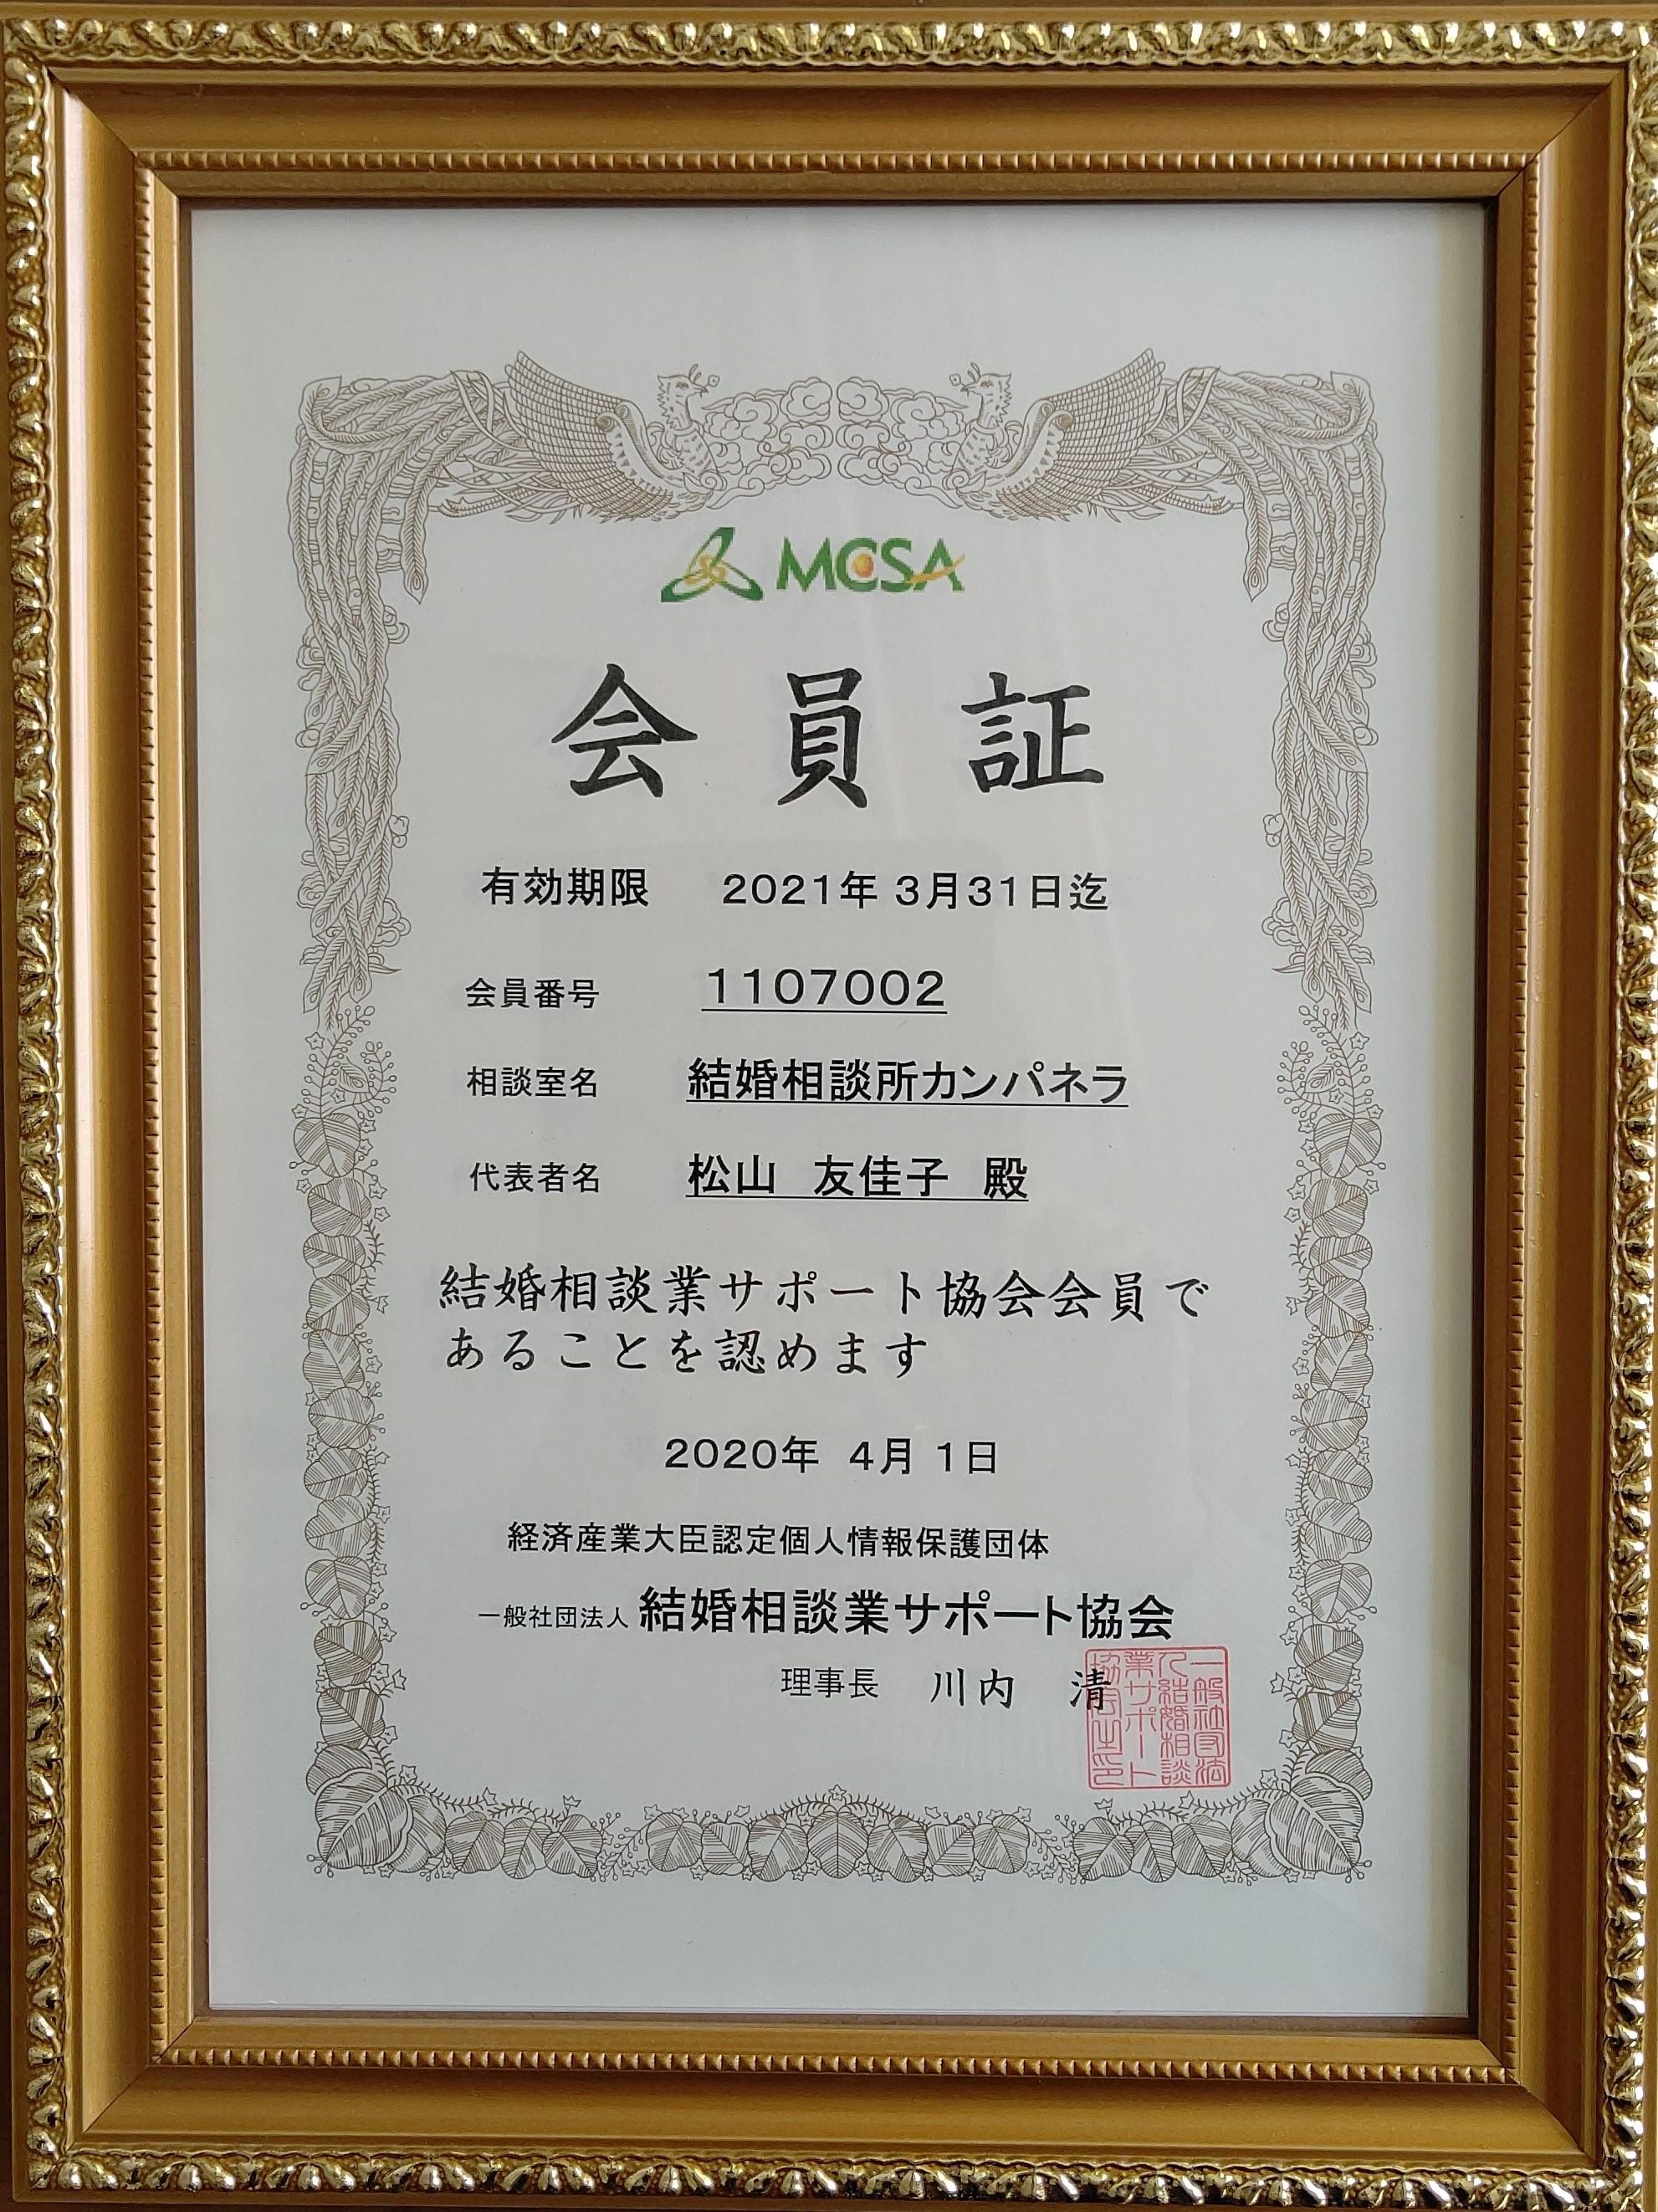 マクサ2020 カンパネラ 松山友佳子